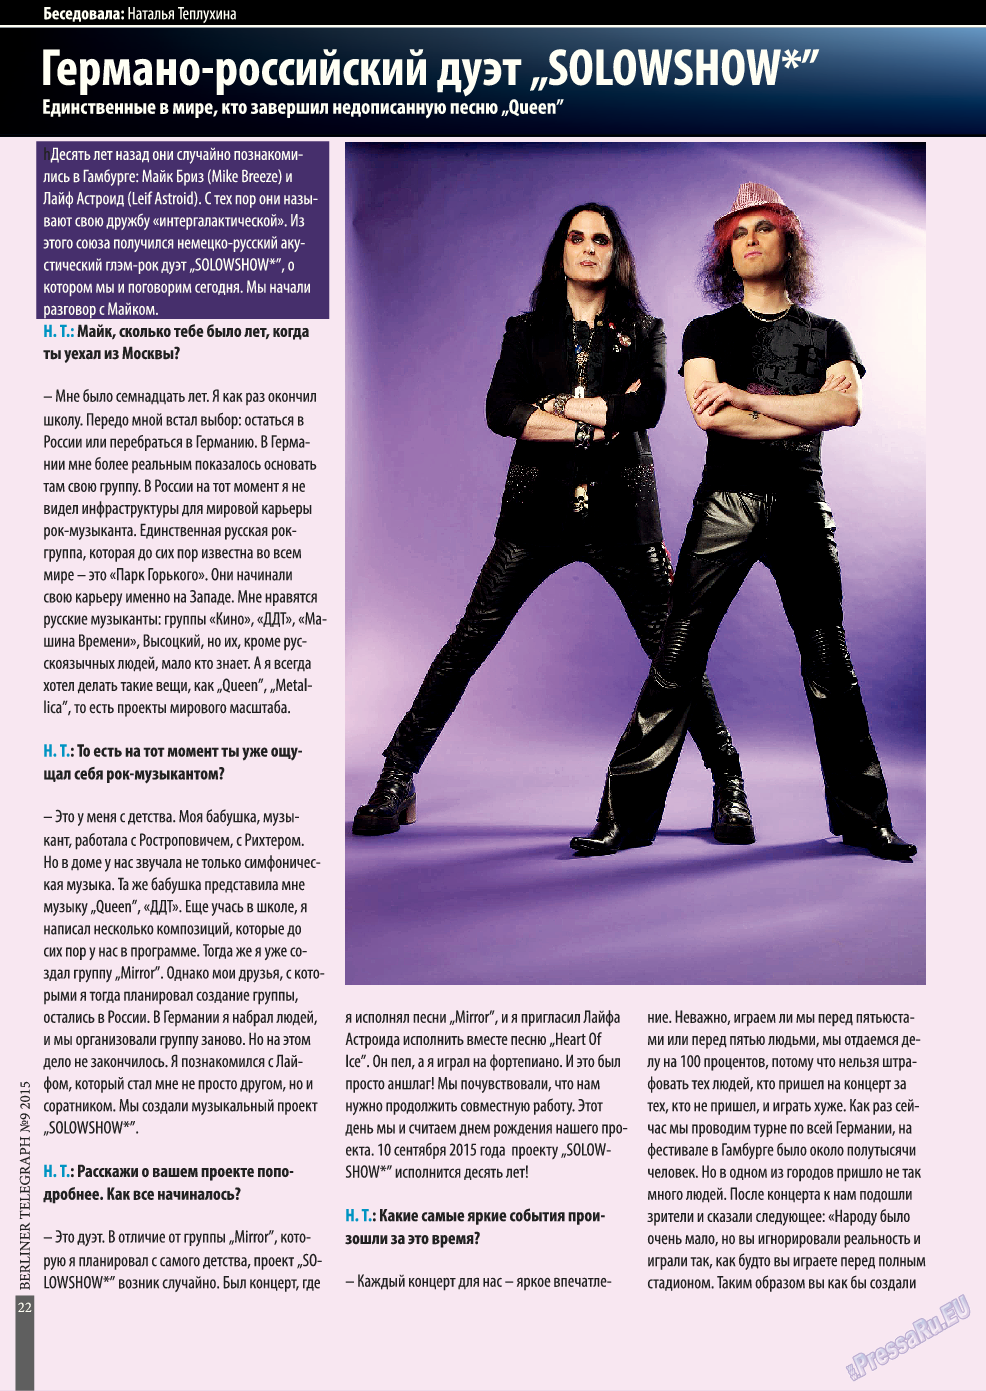 Берлинский телеграф (журнал). 2015 год, номер 10, стр. 22